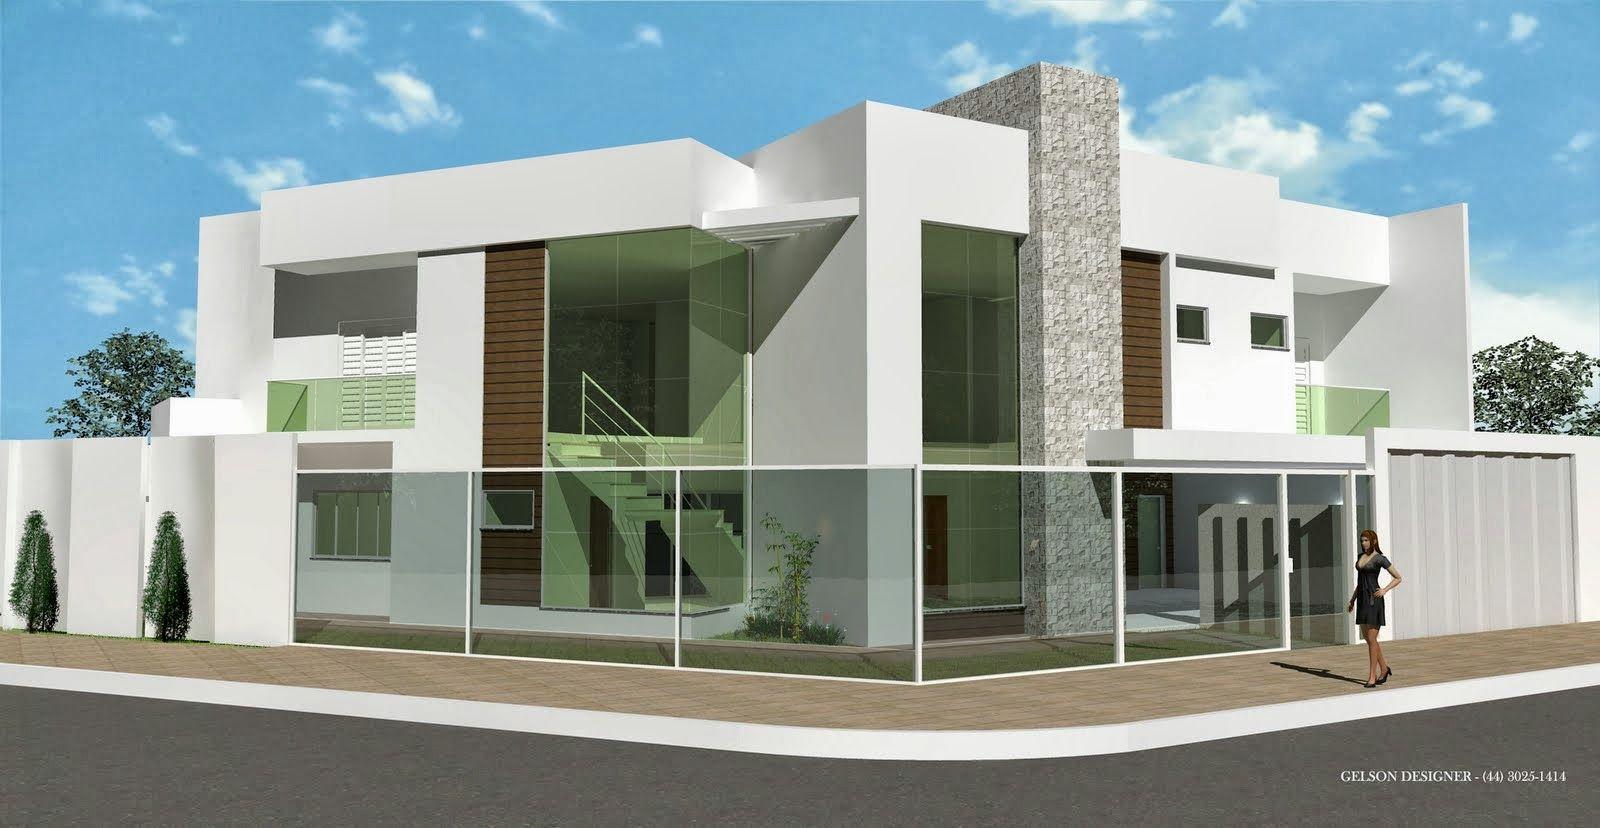 Decor Salteado - Blog de Decoração e Arquitetura : Fachadas de Casas Modernas – Casas sem telhado